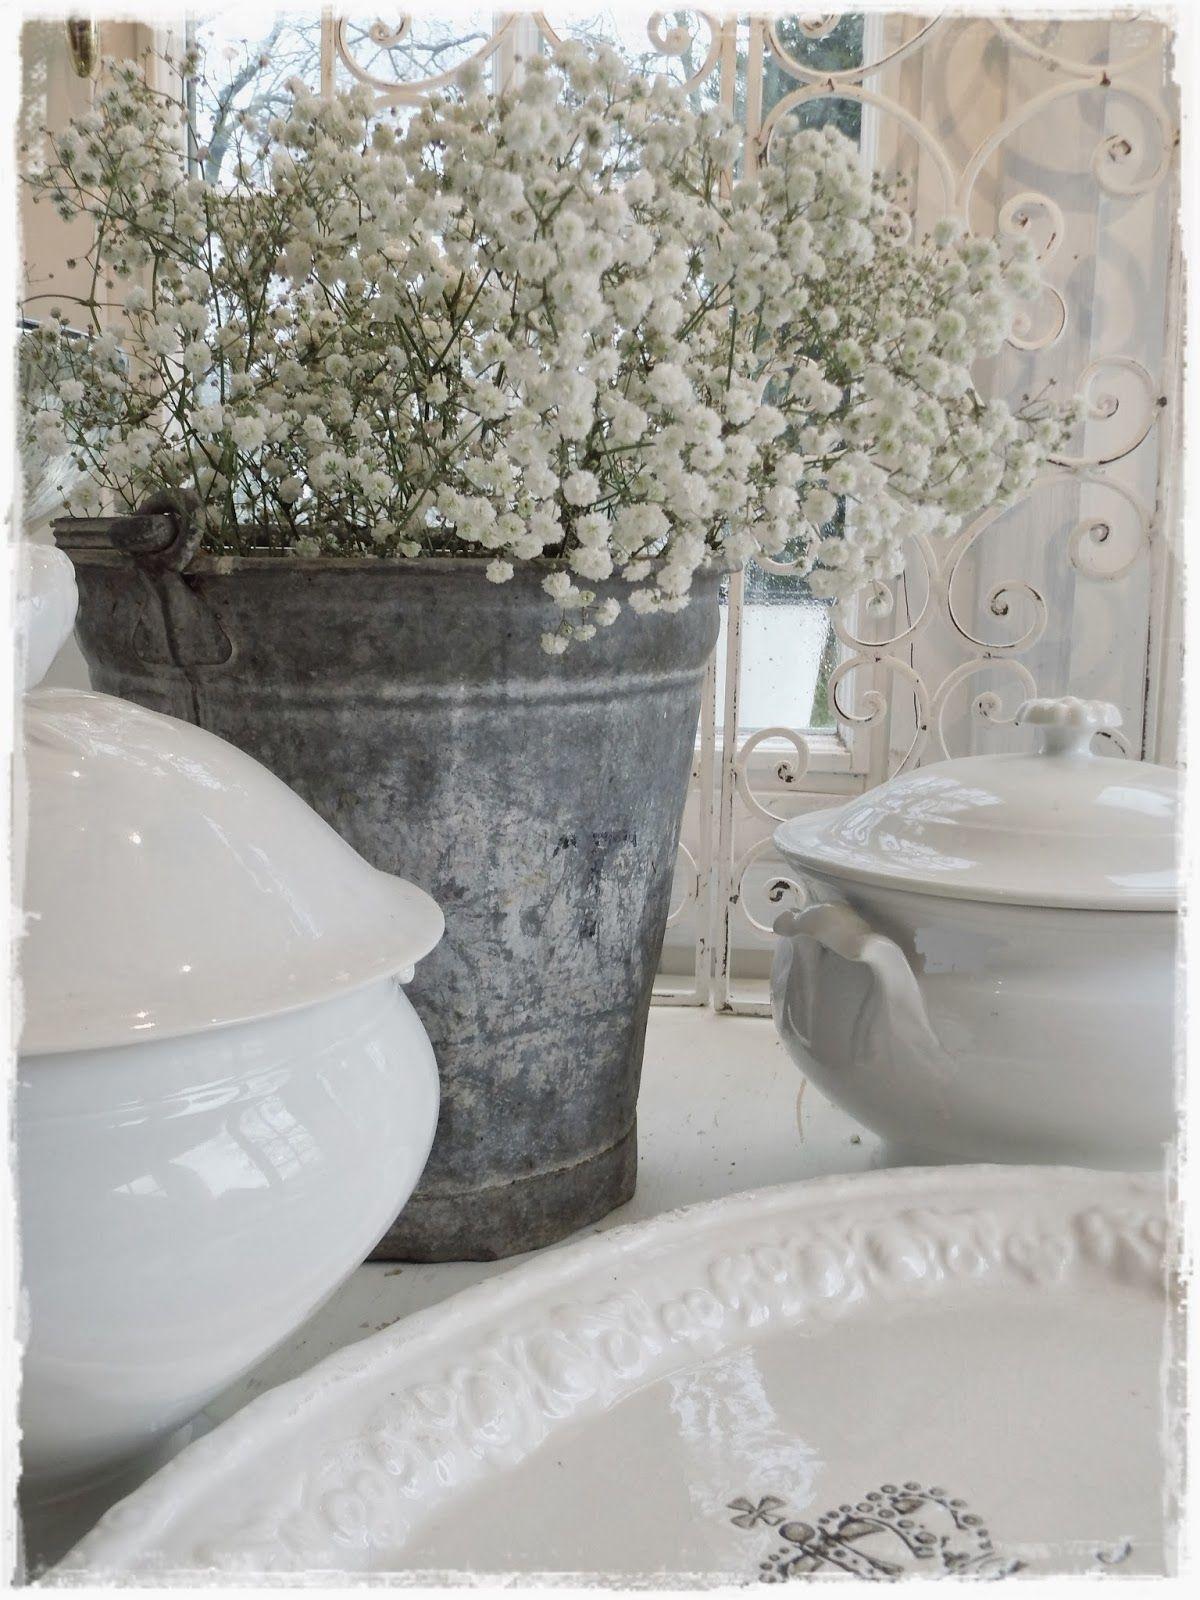 lilleweiss wei zink cottage inspiration geschirr wei vintage dekorationen und. Black Bedroom Furniture Sets. Home Design Ideas